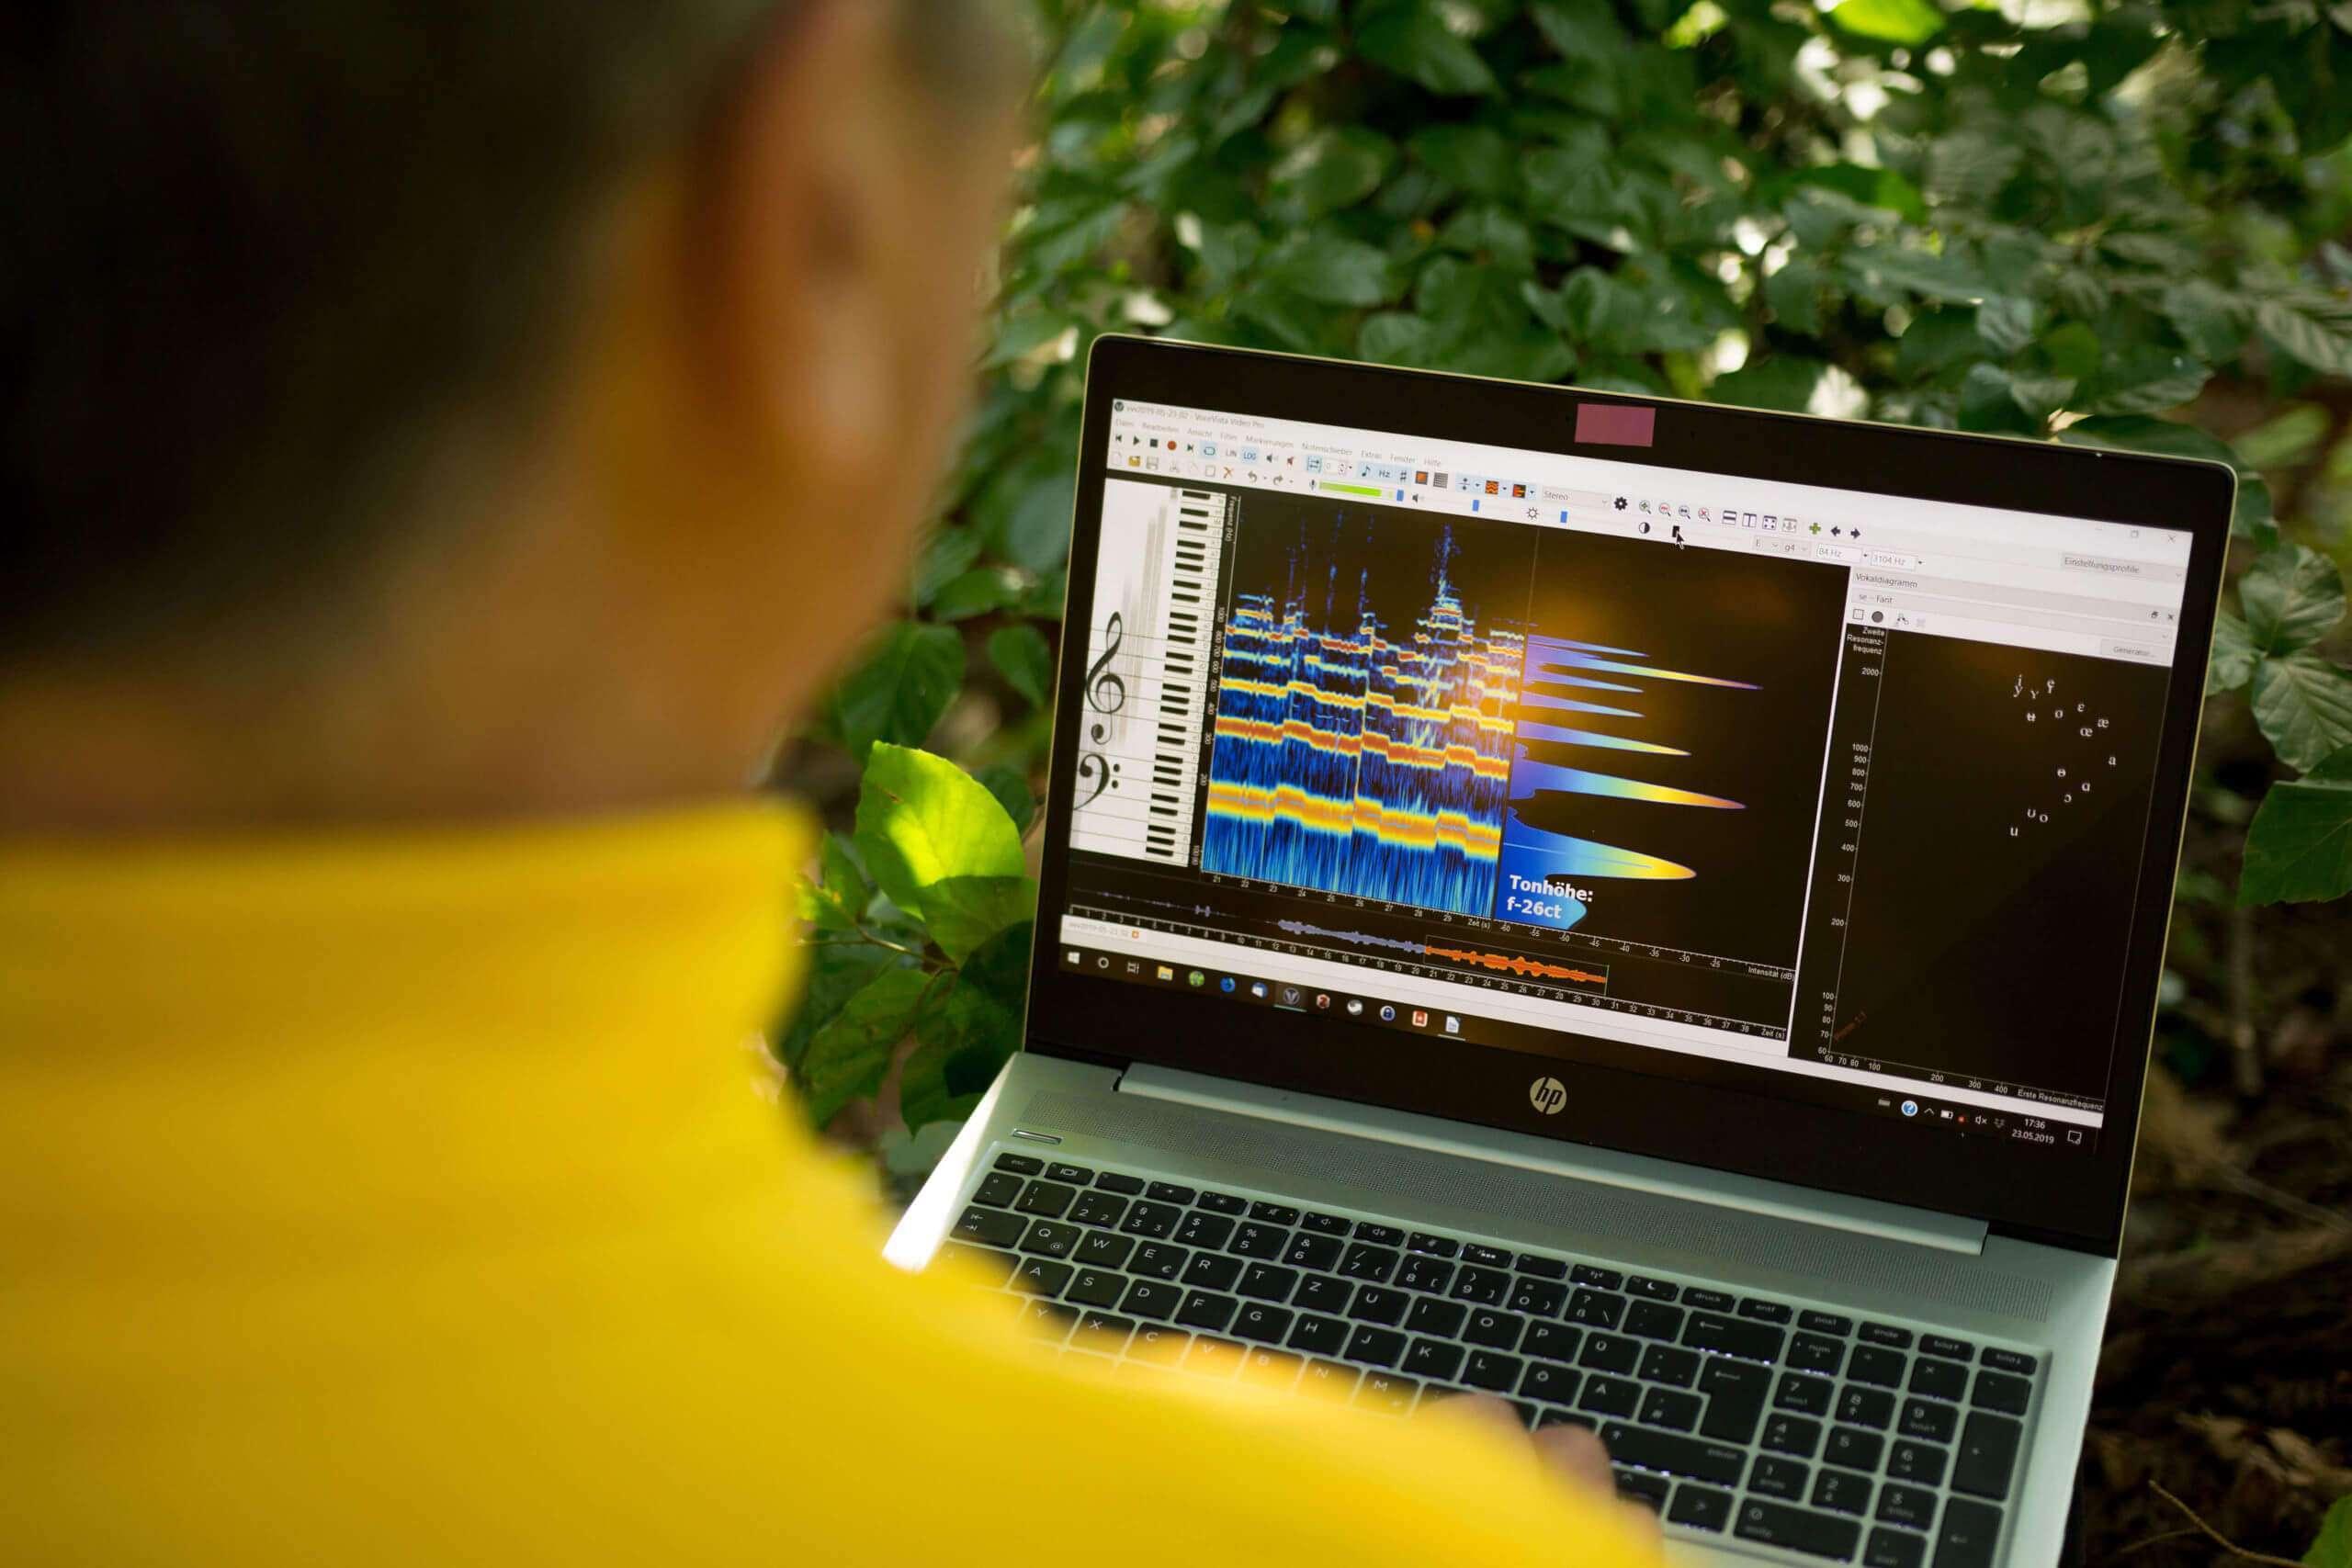 Wolfgang Saus mit Laptop und VoceVista Software in der Natur sitzend